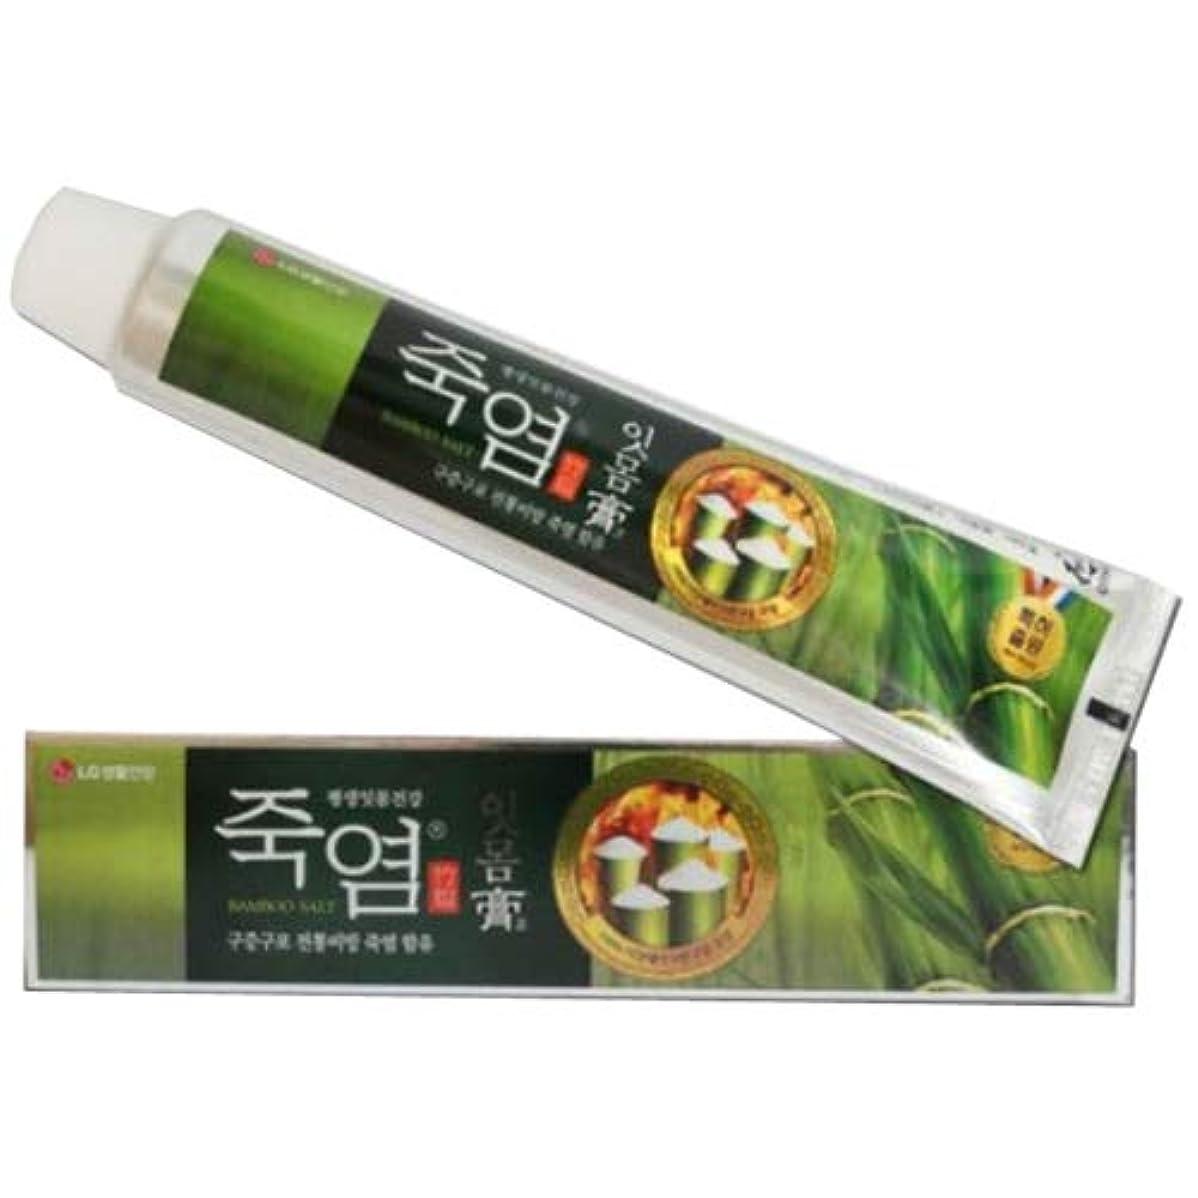 スイス人移動バイオリン[LG Care/LG生活健康]竹塩歯磨き粉つぶれて歯茎を健康に120g x1EA 歯磨きセットスペシャル?リミテッドToothpaste Set Special Limited Korea